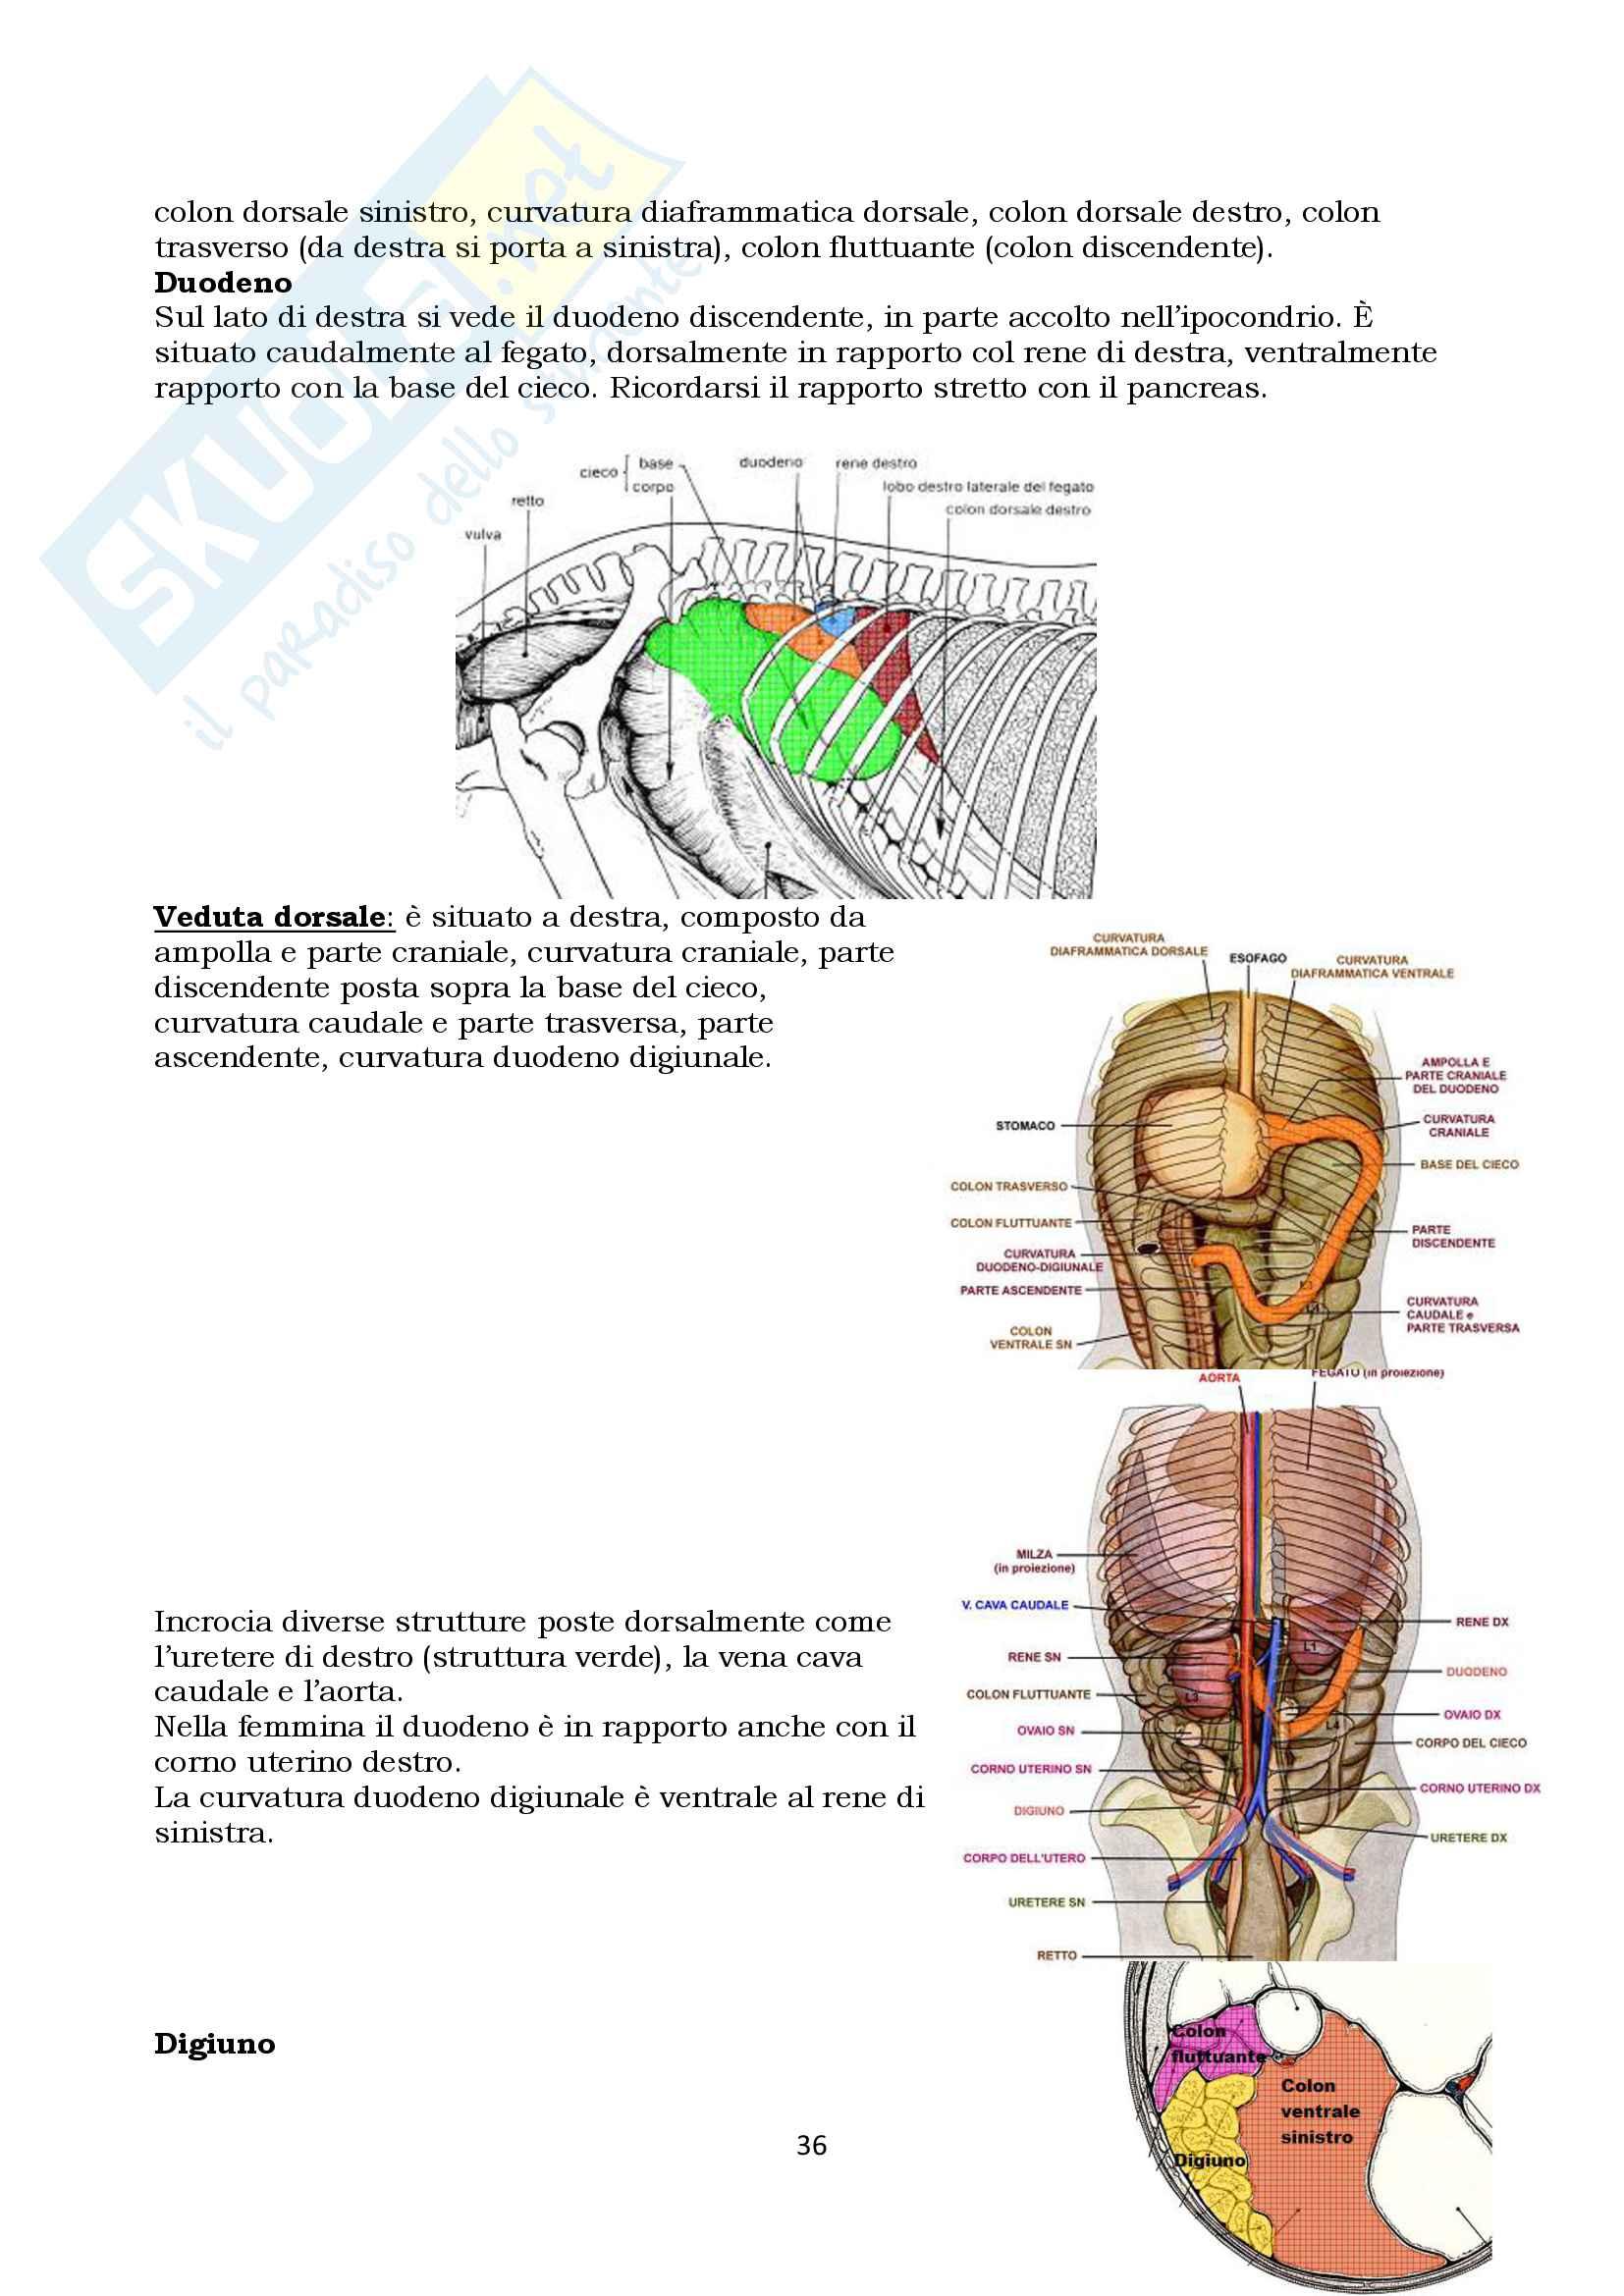 Anatomia topografica veterinaria parte II (piccoli e grandi animali) Pag. 36